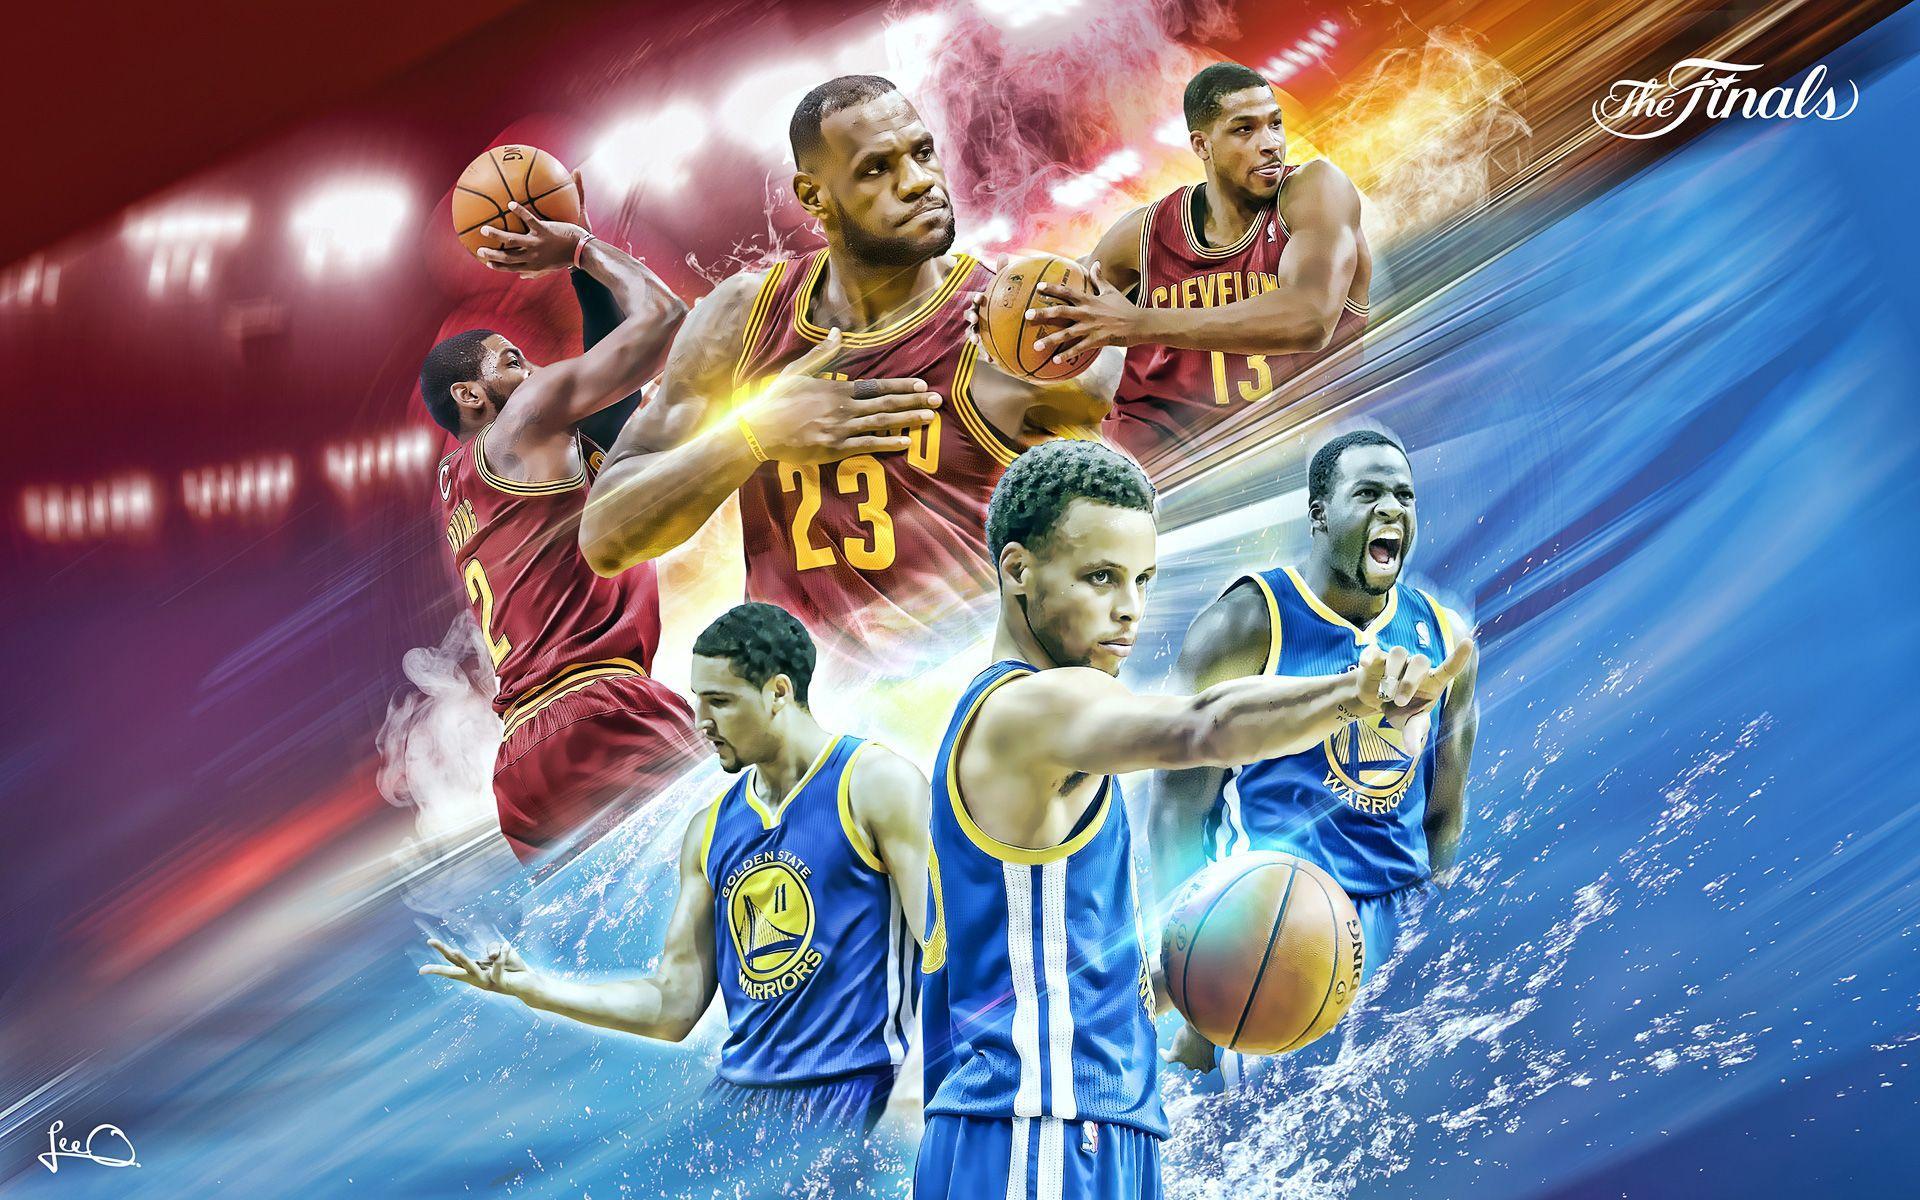 1920x1200 NBA Desktop Wallpaper Free Download